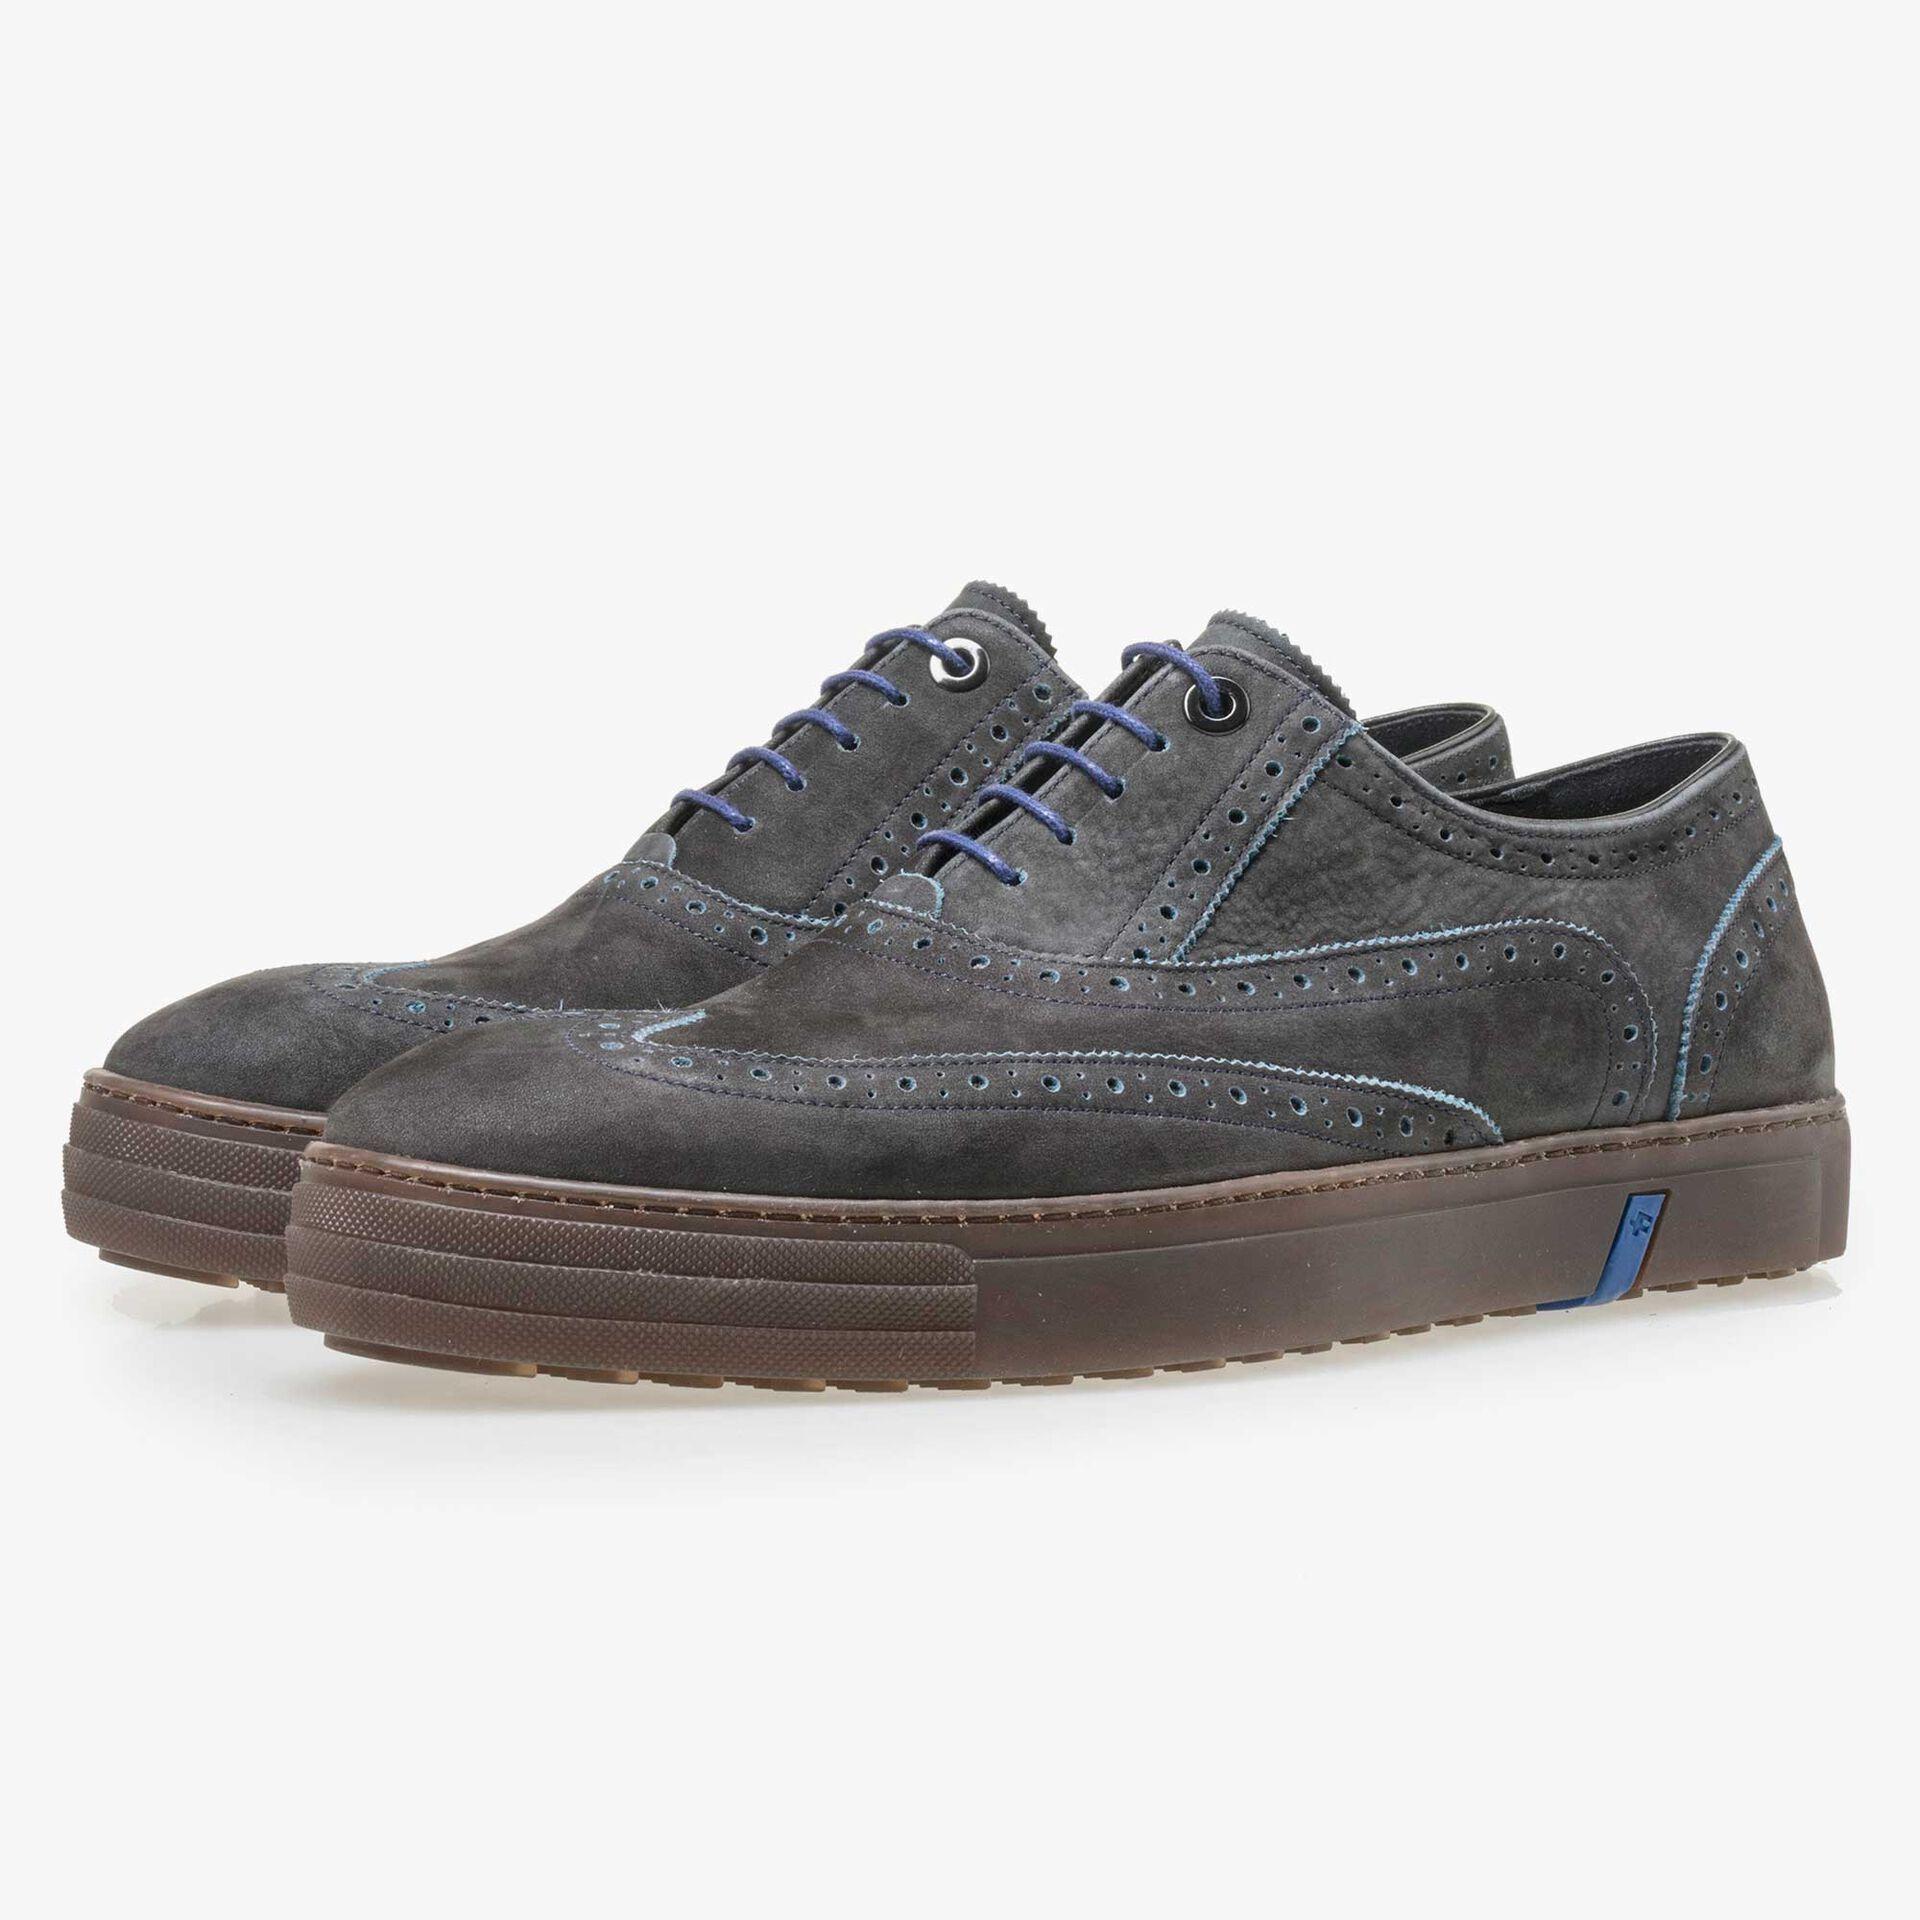 Floris van Bommel blauwe nubuckleren heren brogue sneaker